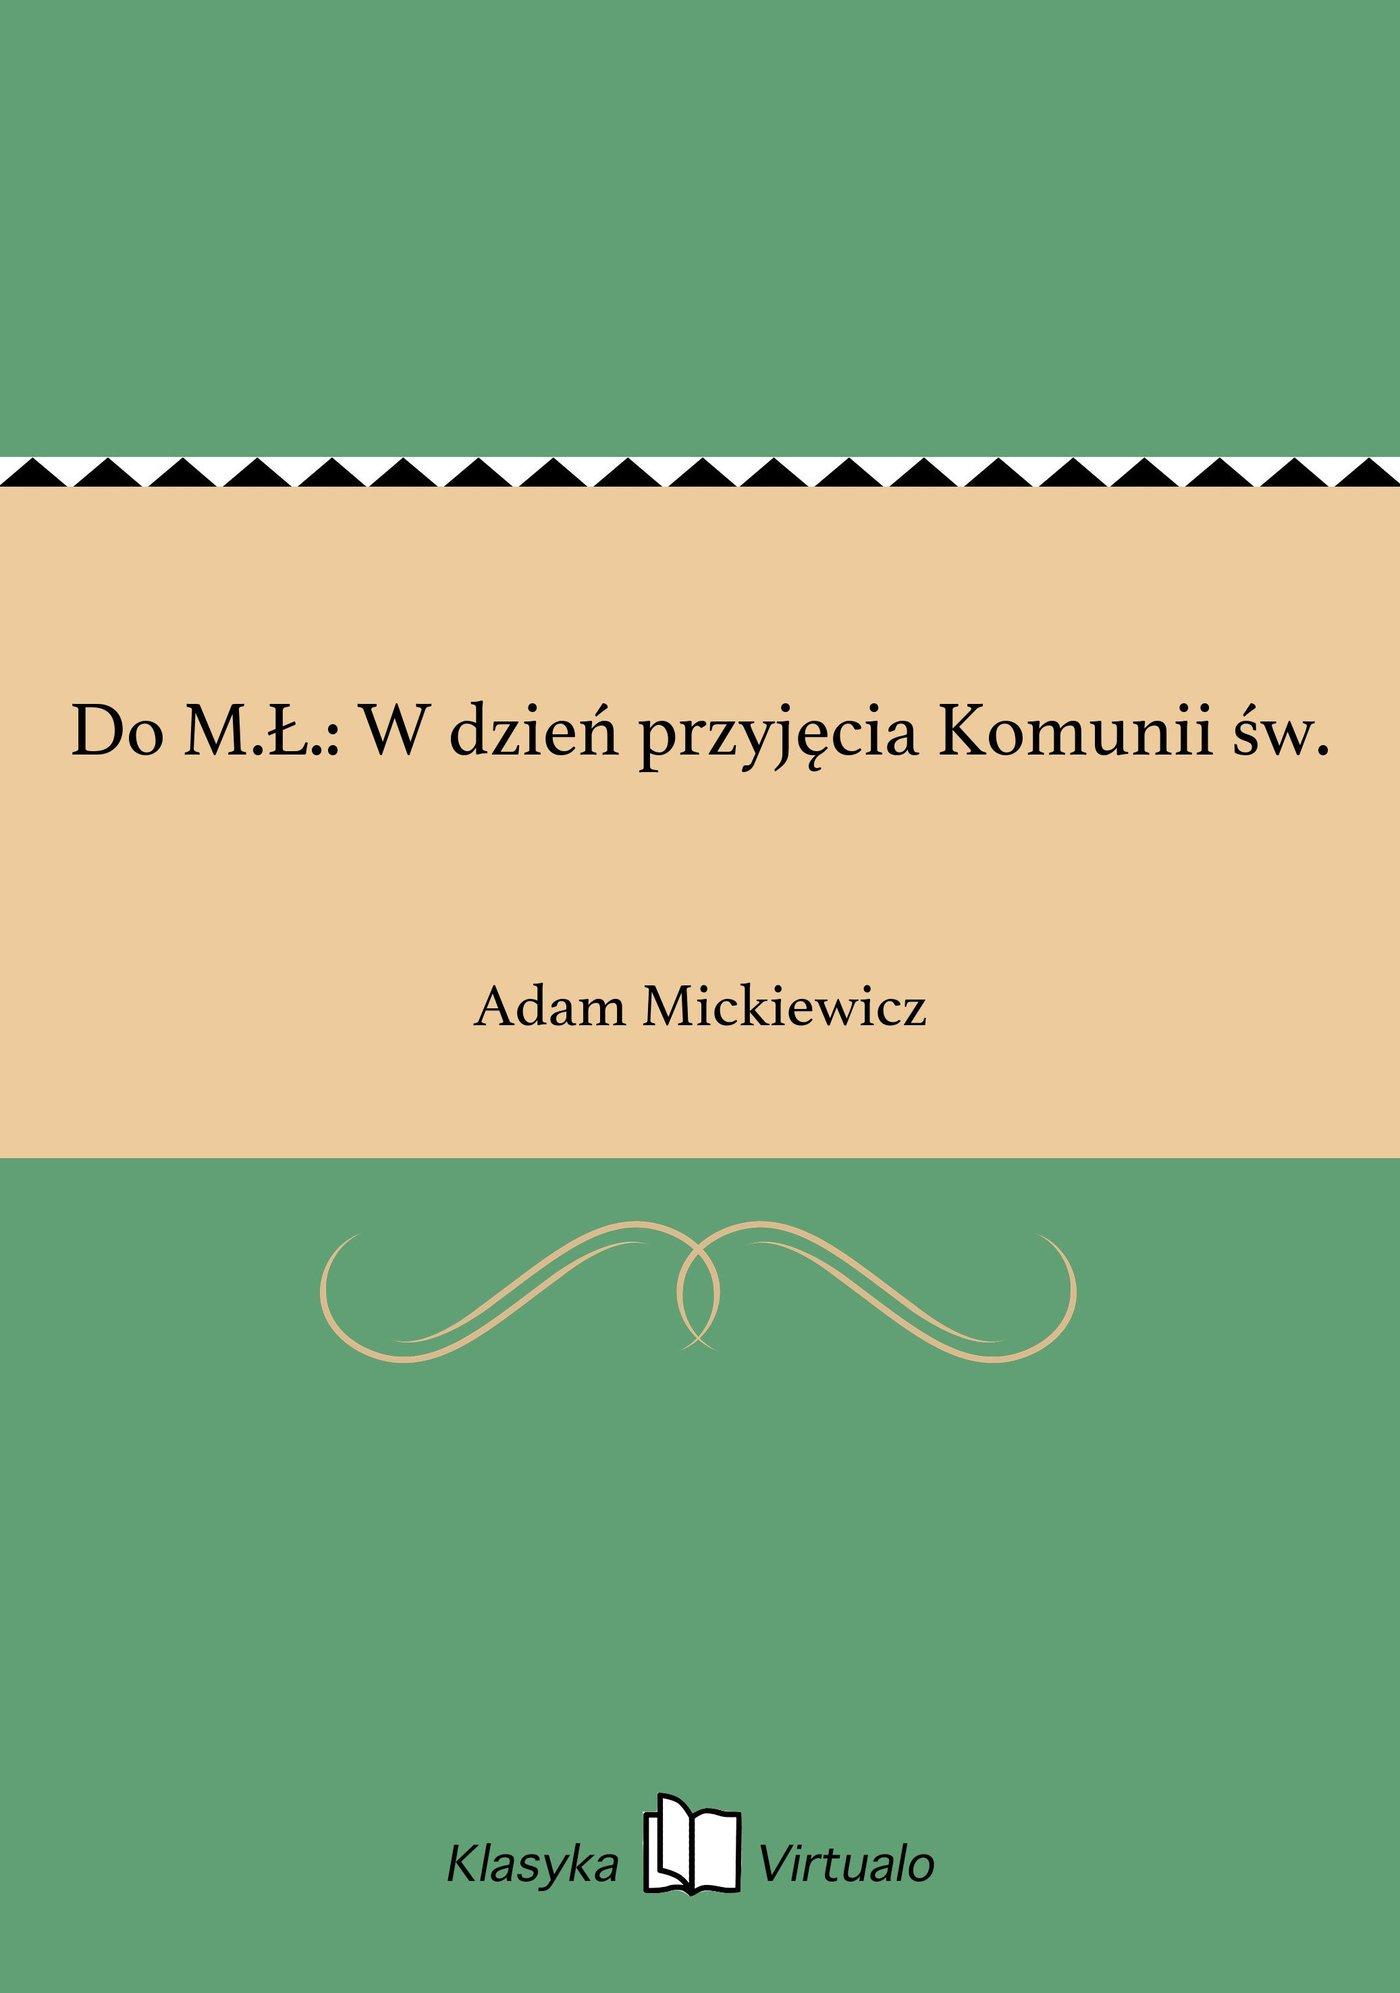 Do M.Ł.: W dzień przyjęcia Komunii św. - Ebook (Książka na Kindle) do pobrania w formacie MOBI